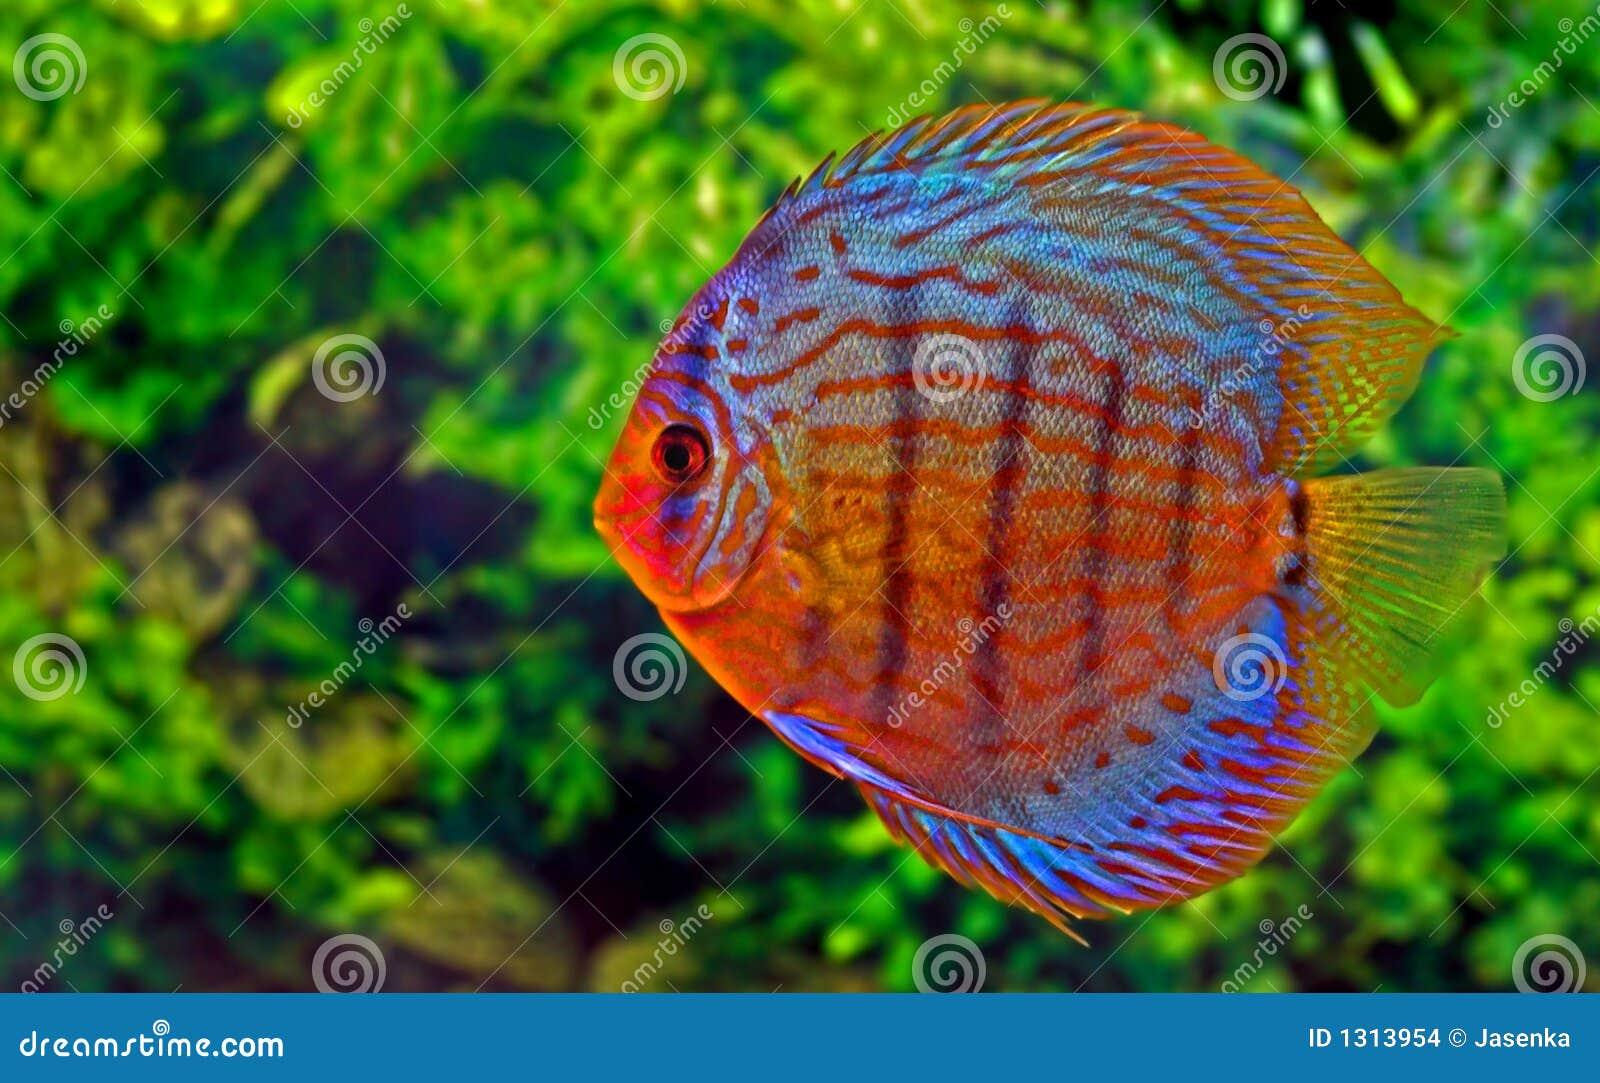 Discus fish stock photo. Image of discus, underwater, colour - 1313954